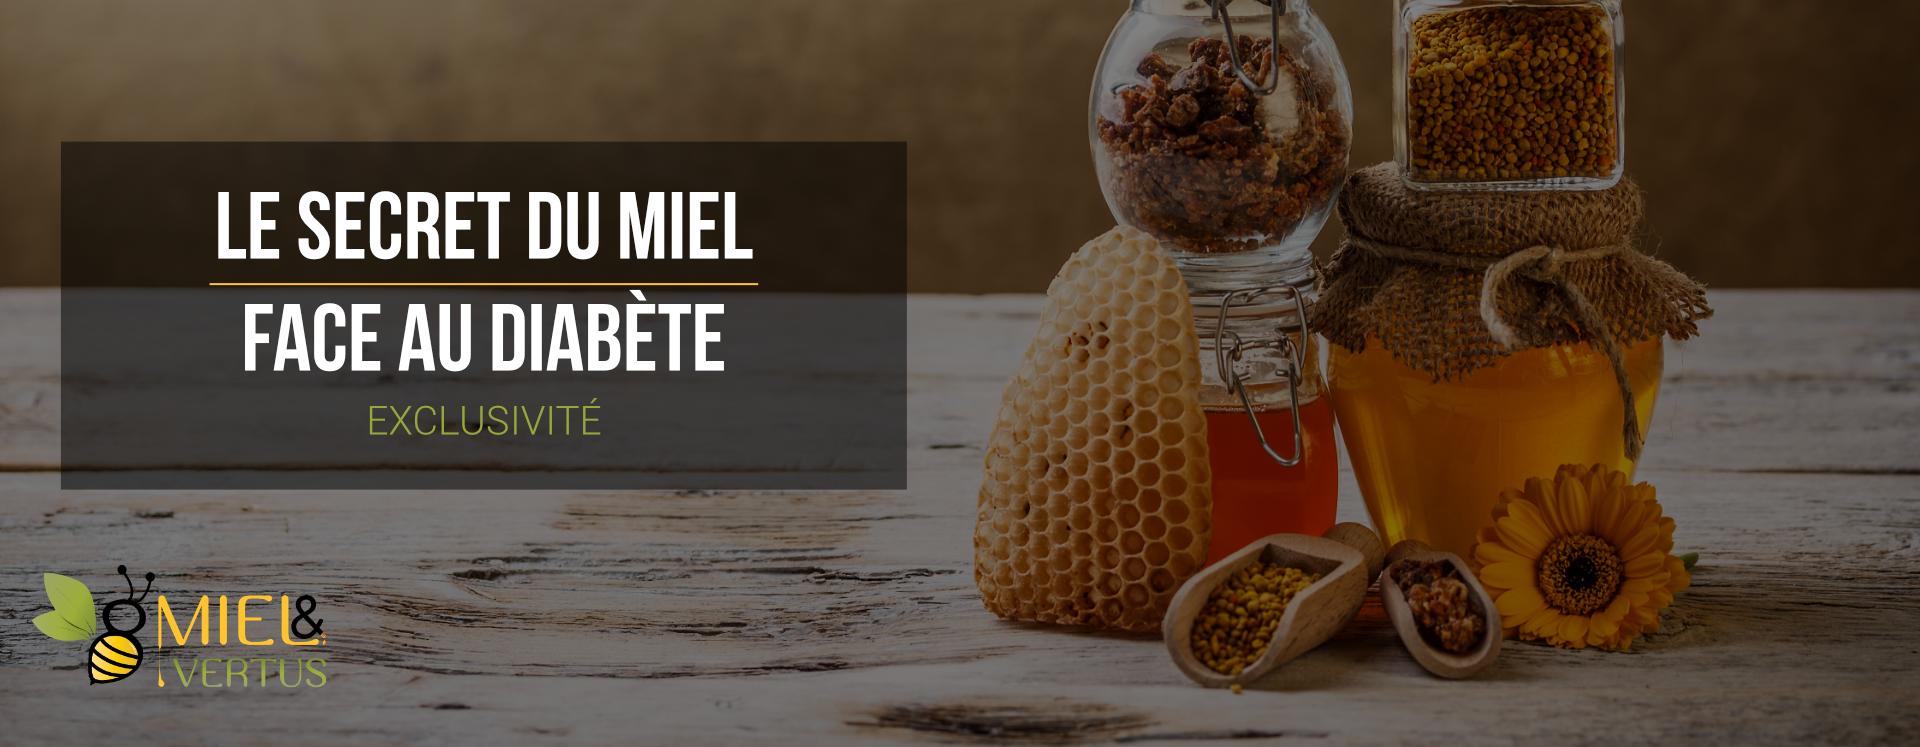 Secret-miel-face-diabete